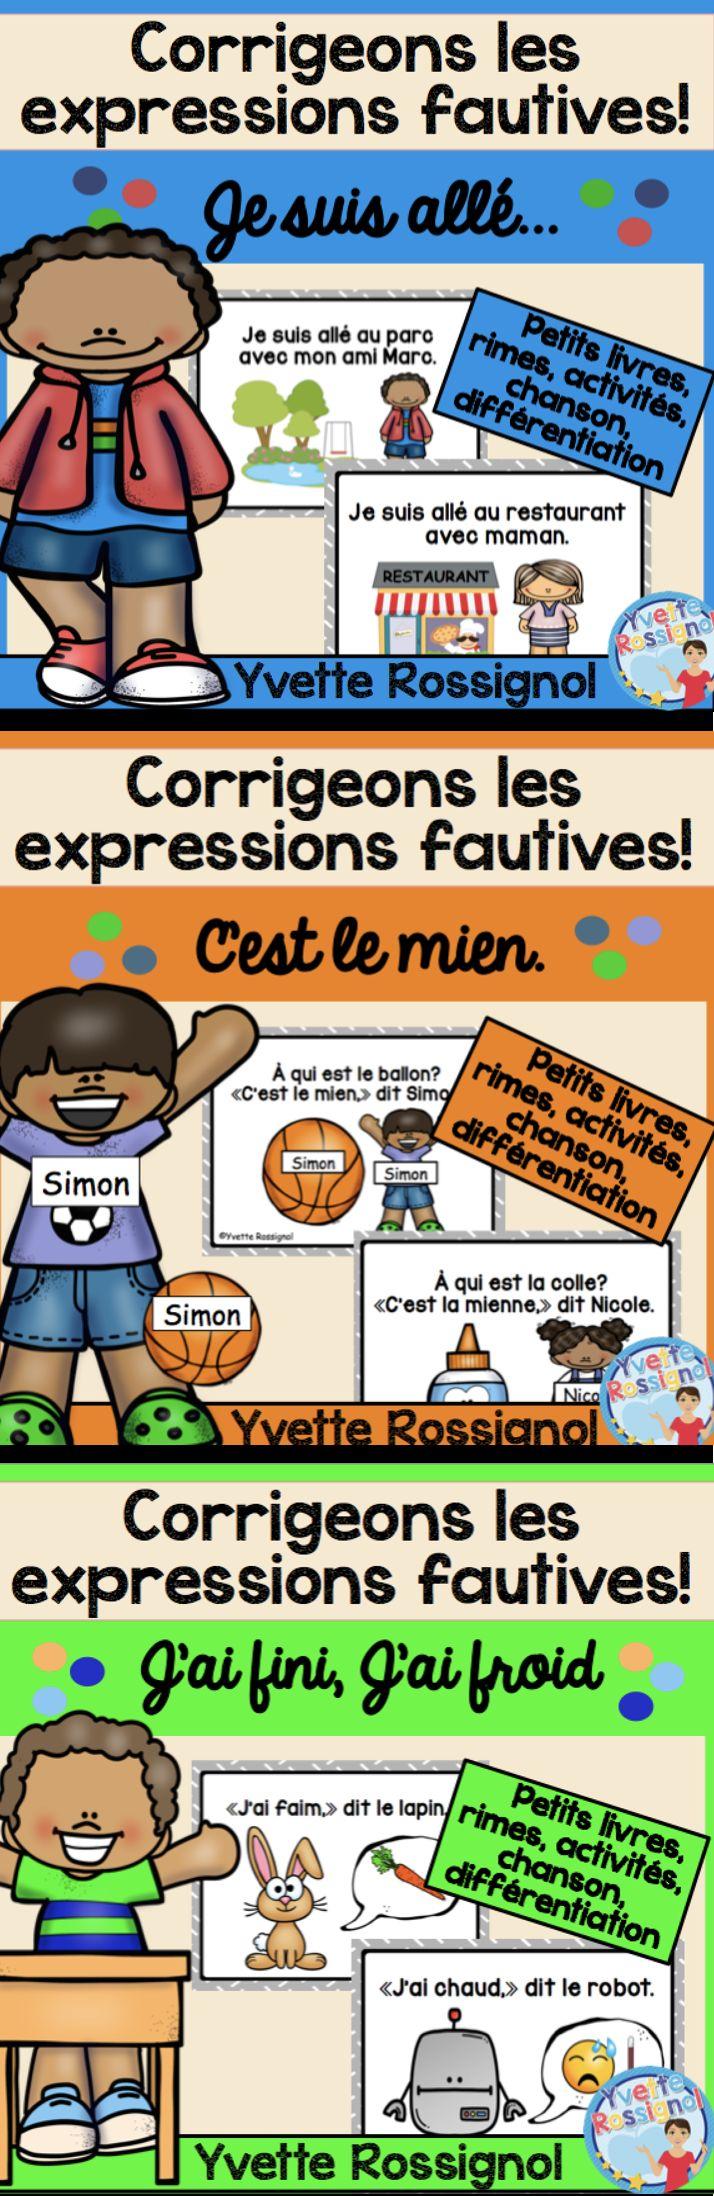 Il faut corriger ces expressions TRÈS tôt! Petit livres avec rimes, chansons, jeux et activités pour permettre les élèves de s'amuser en apprenant les bonnes expressions :)